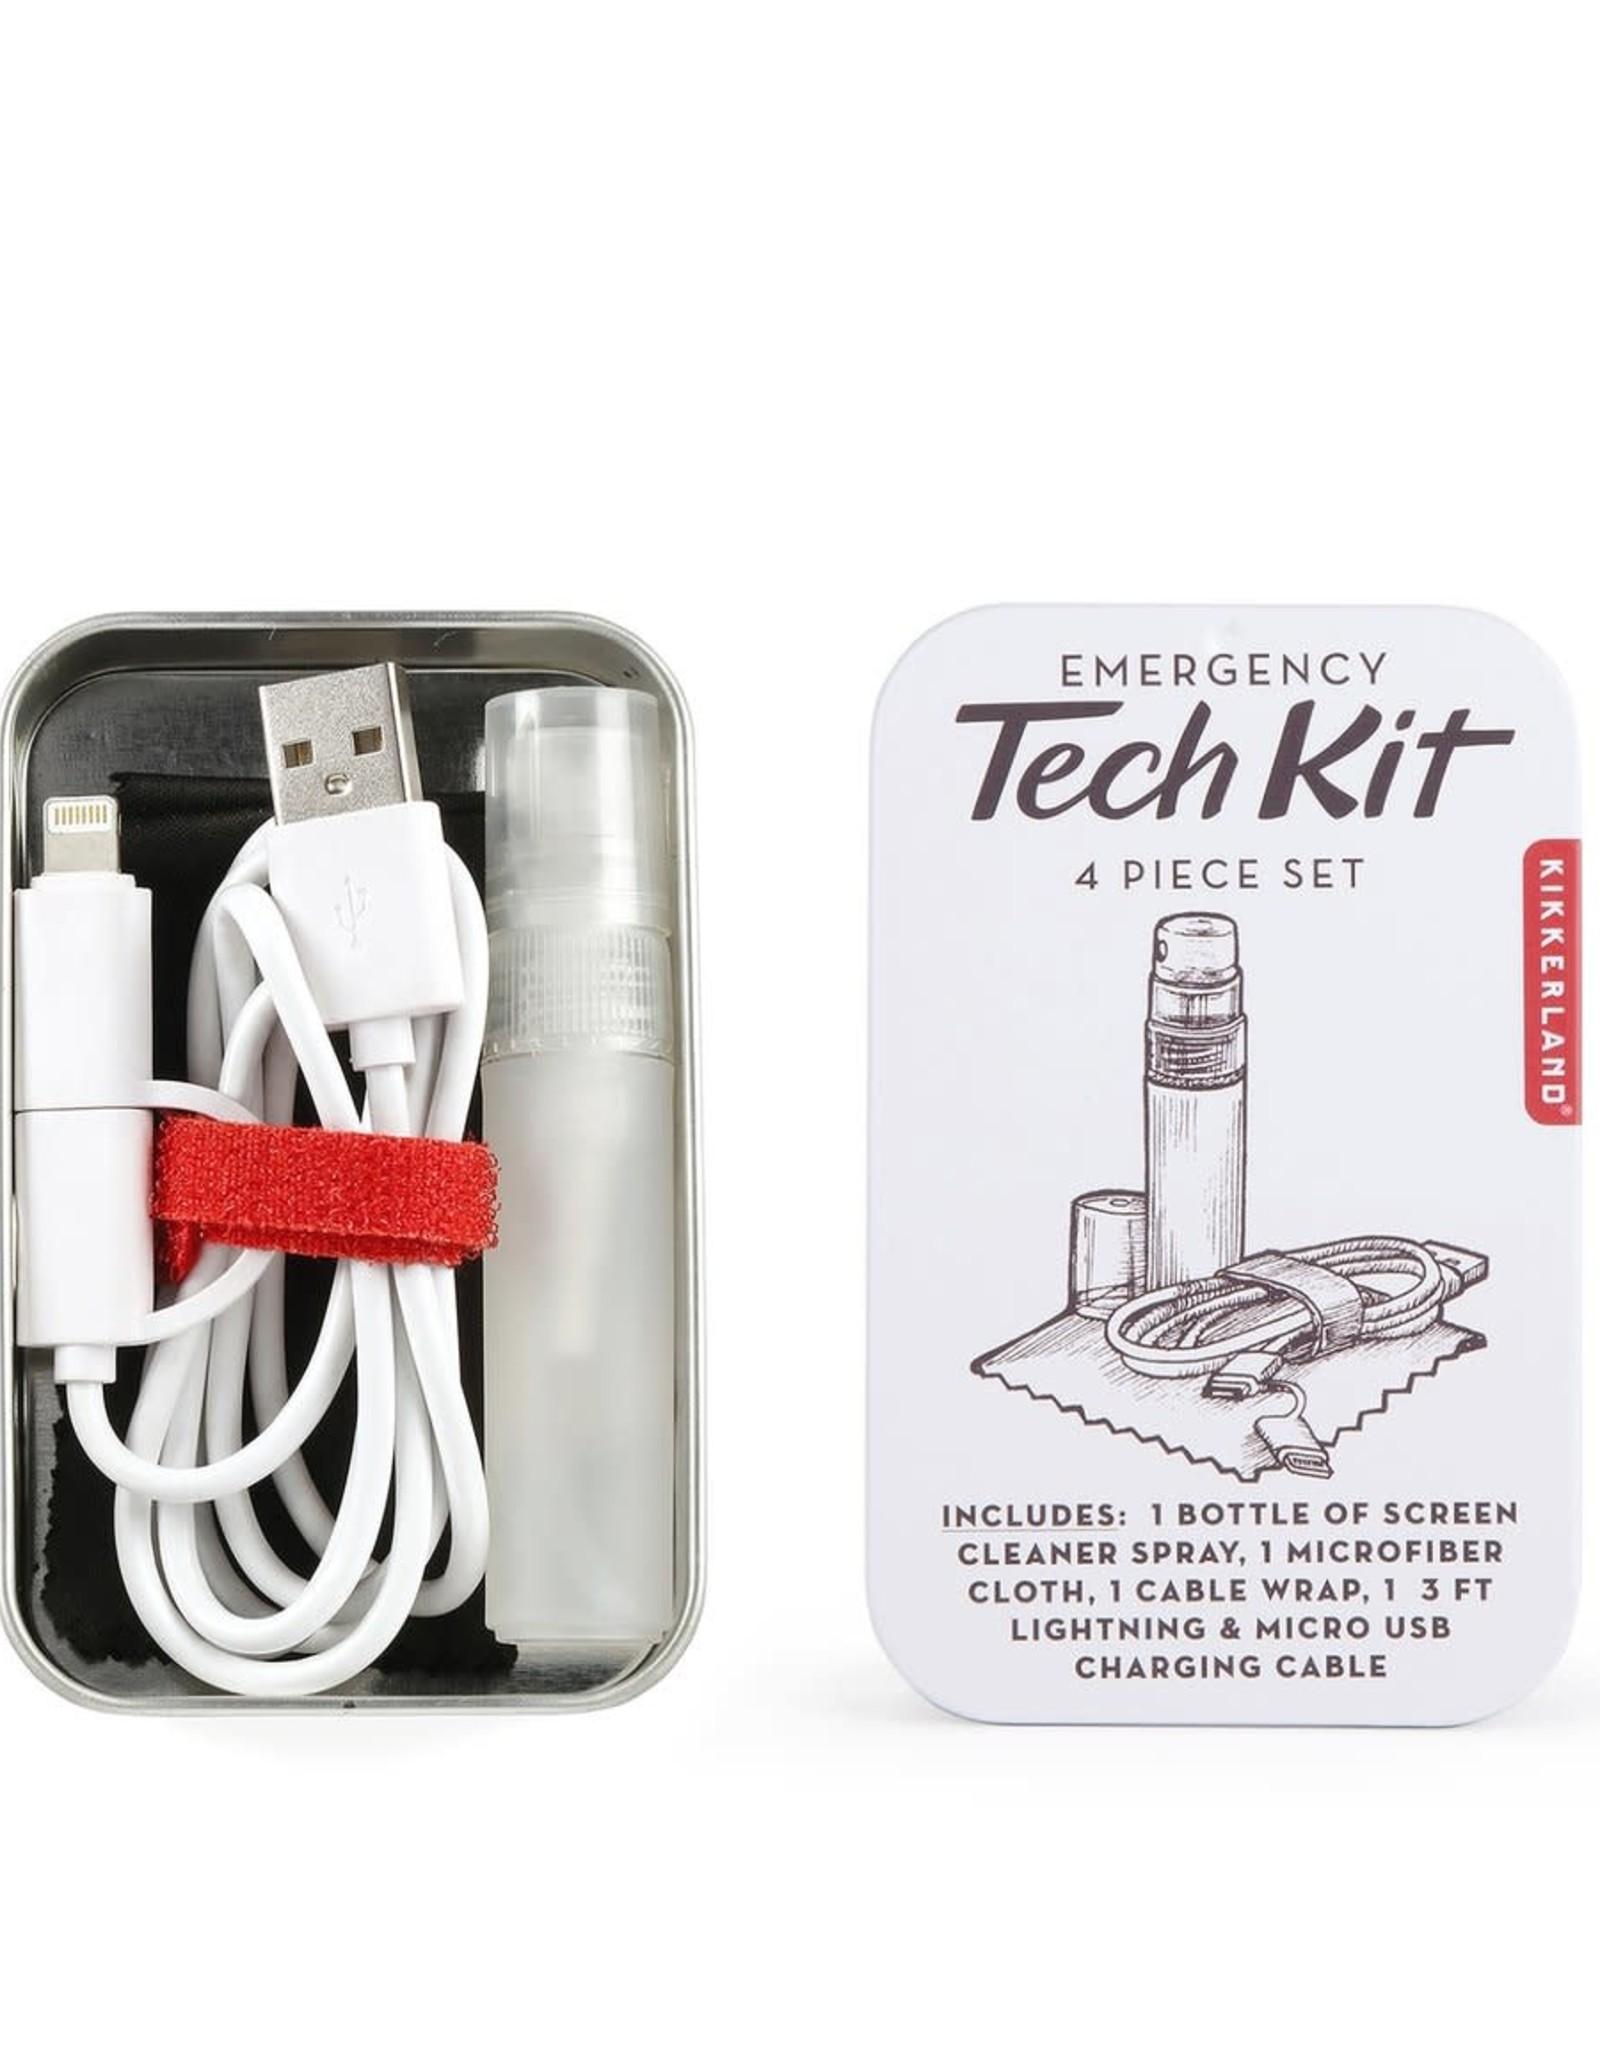 Emergency Tech Kit